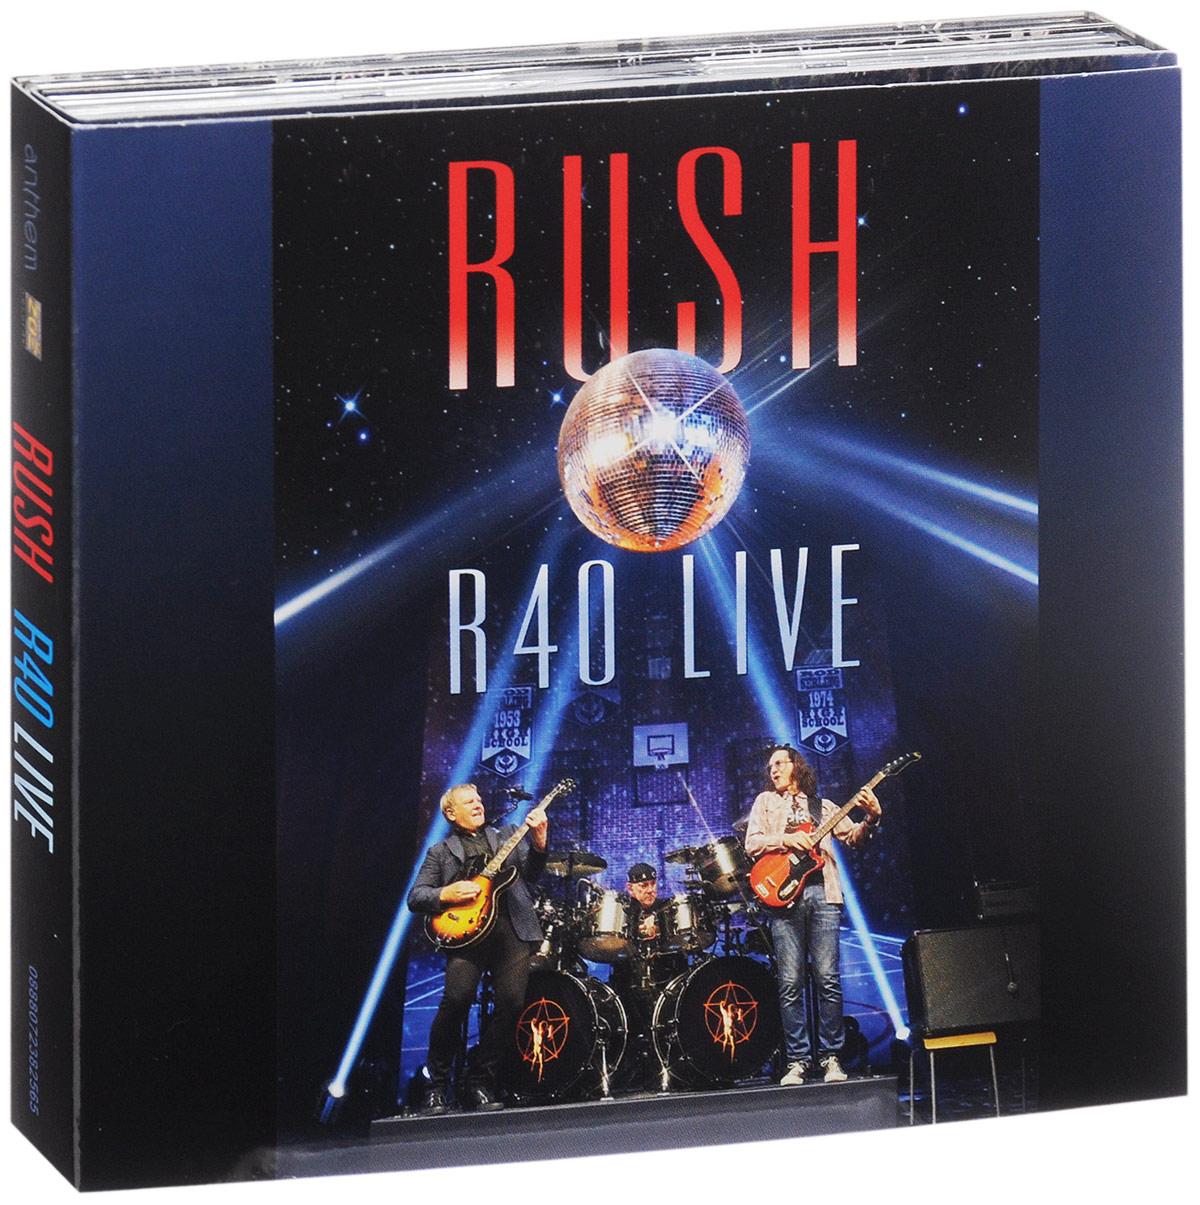 Rush Rush. R40 Live (3 CD) rush rush 2112 deluxe edition cd blu ray